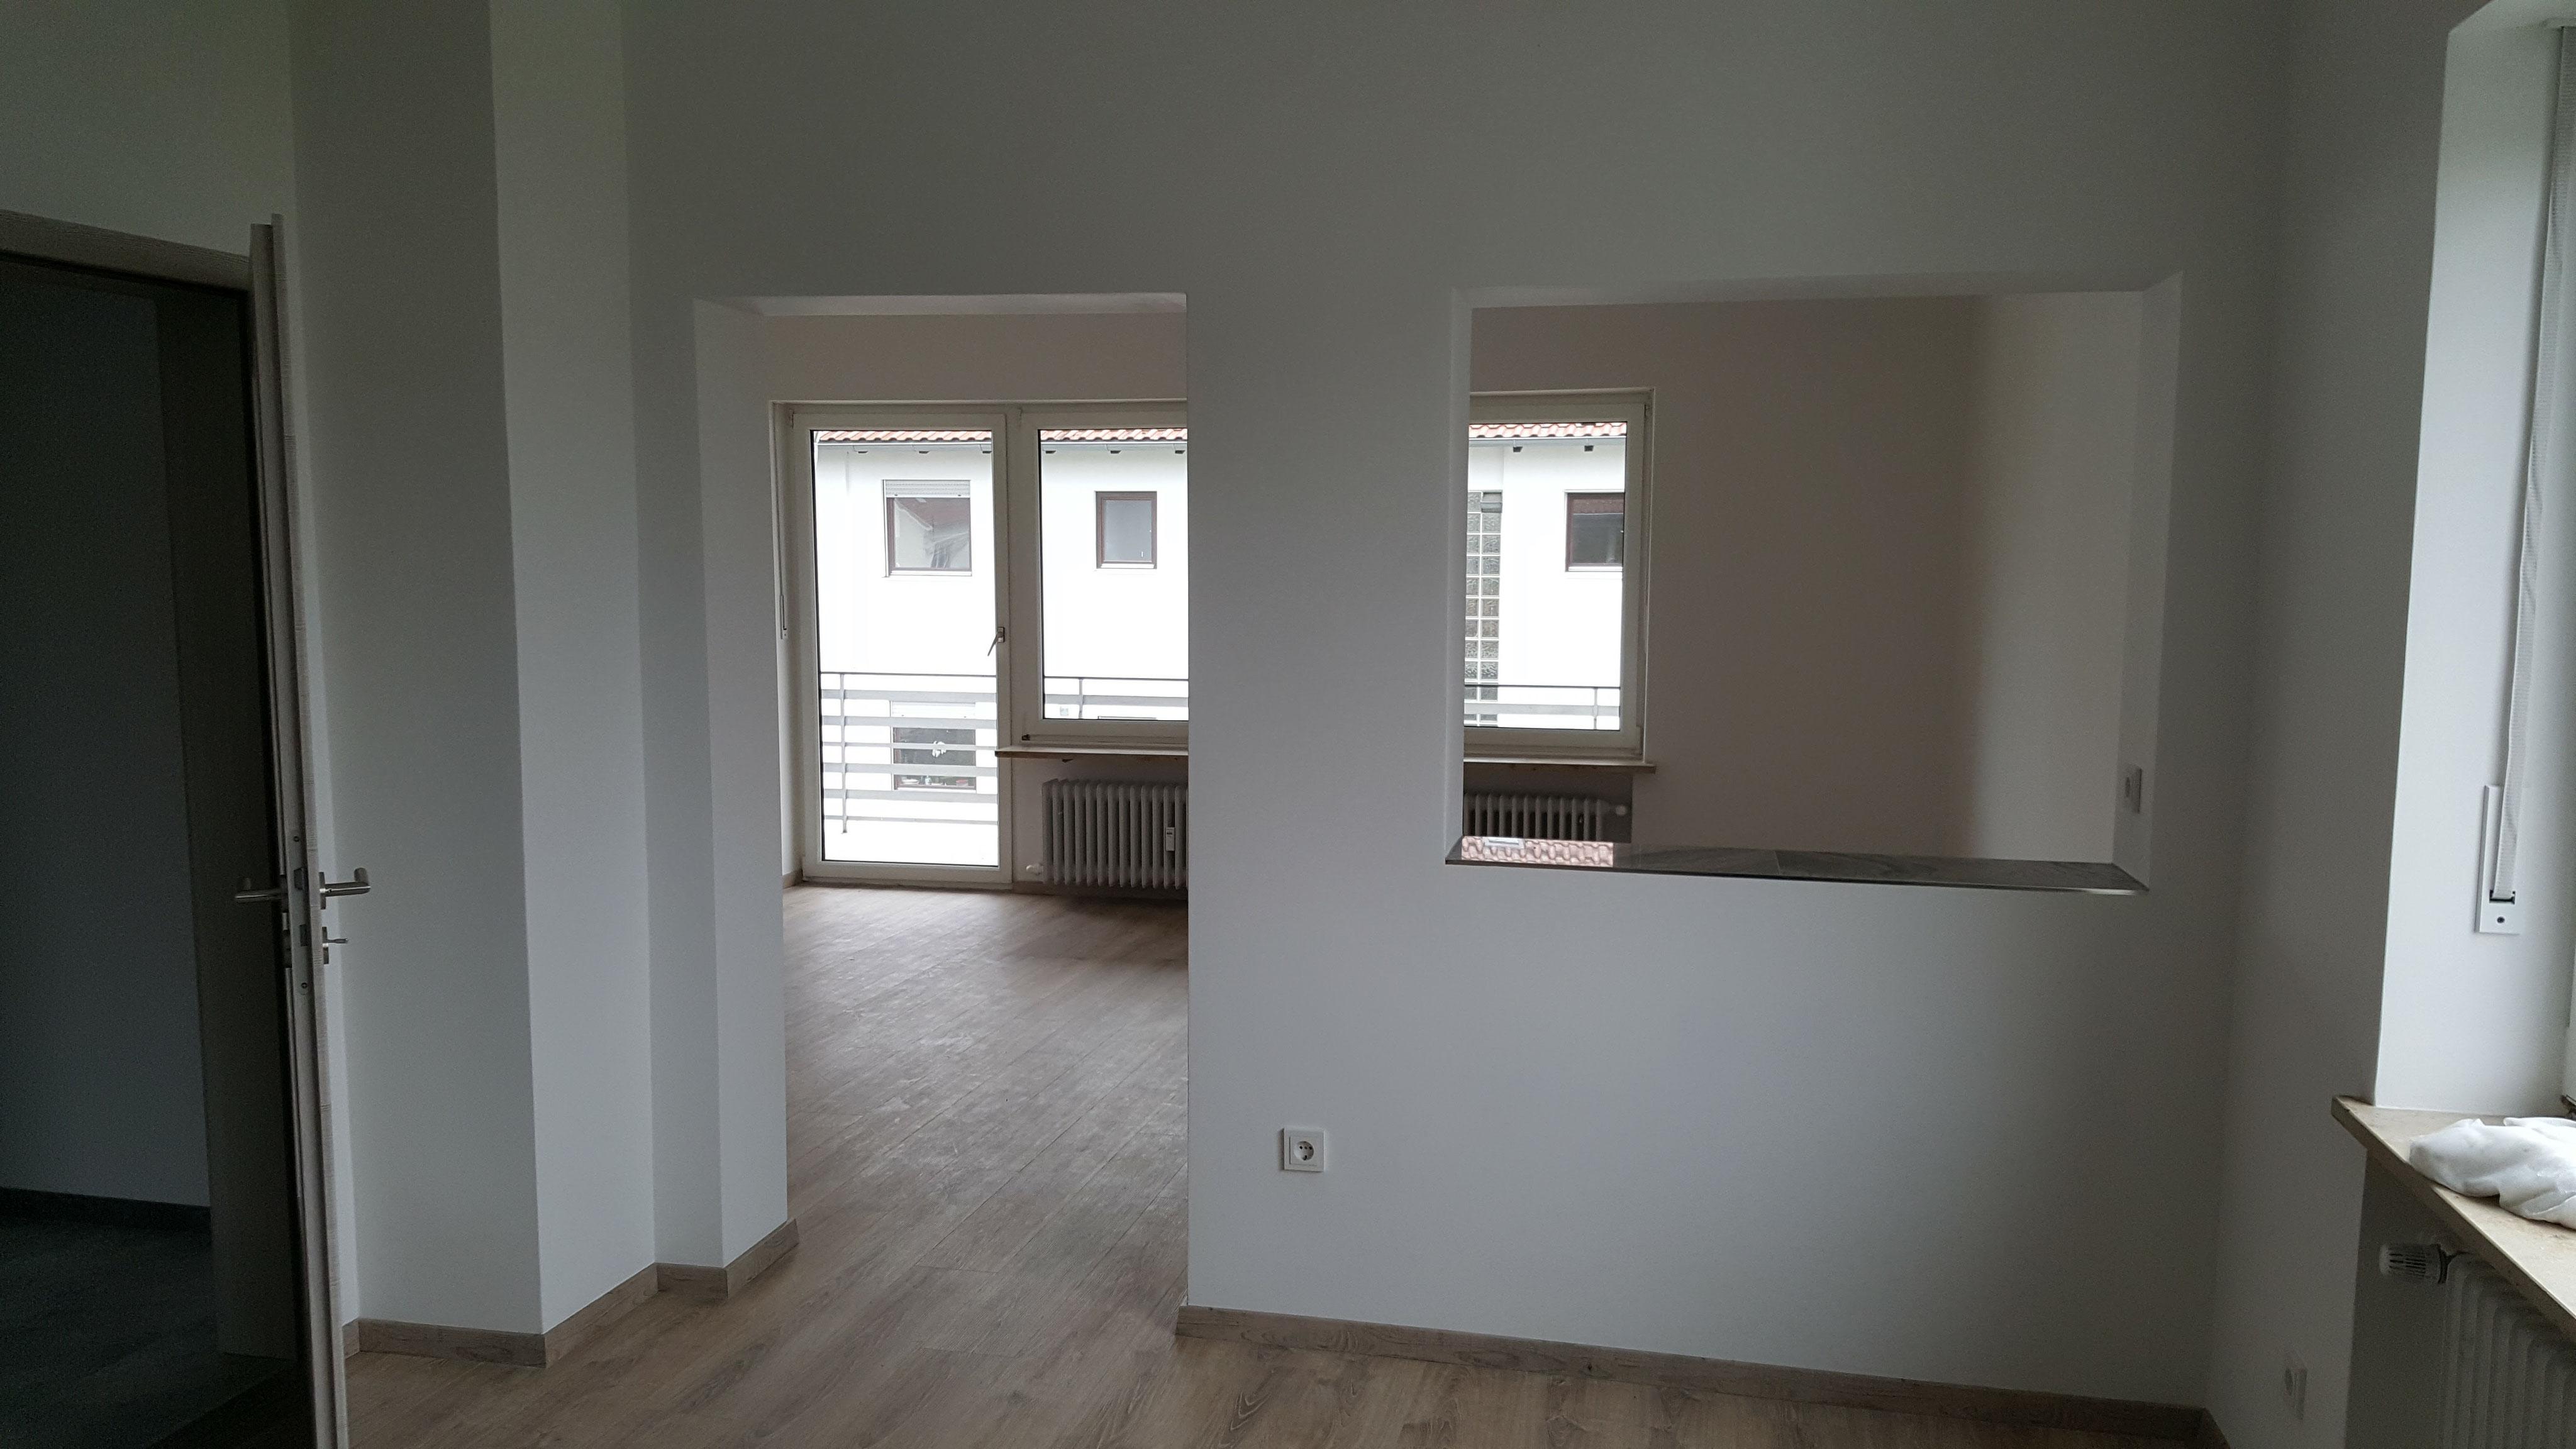 festpreis und bauzeitgarantie renovierung m nchen. Black Bedroom Furniture Sets. Home Design Ideas